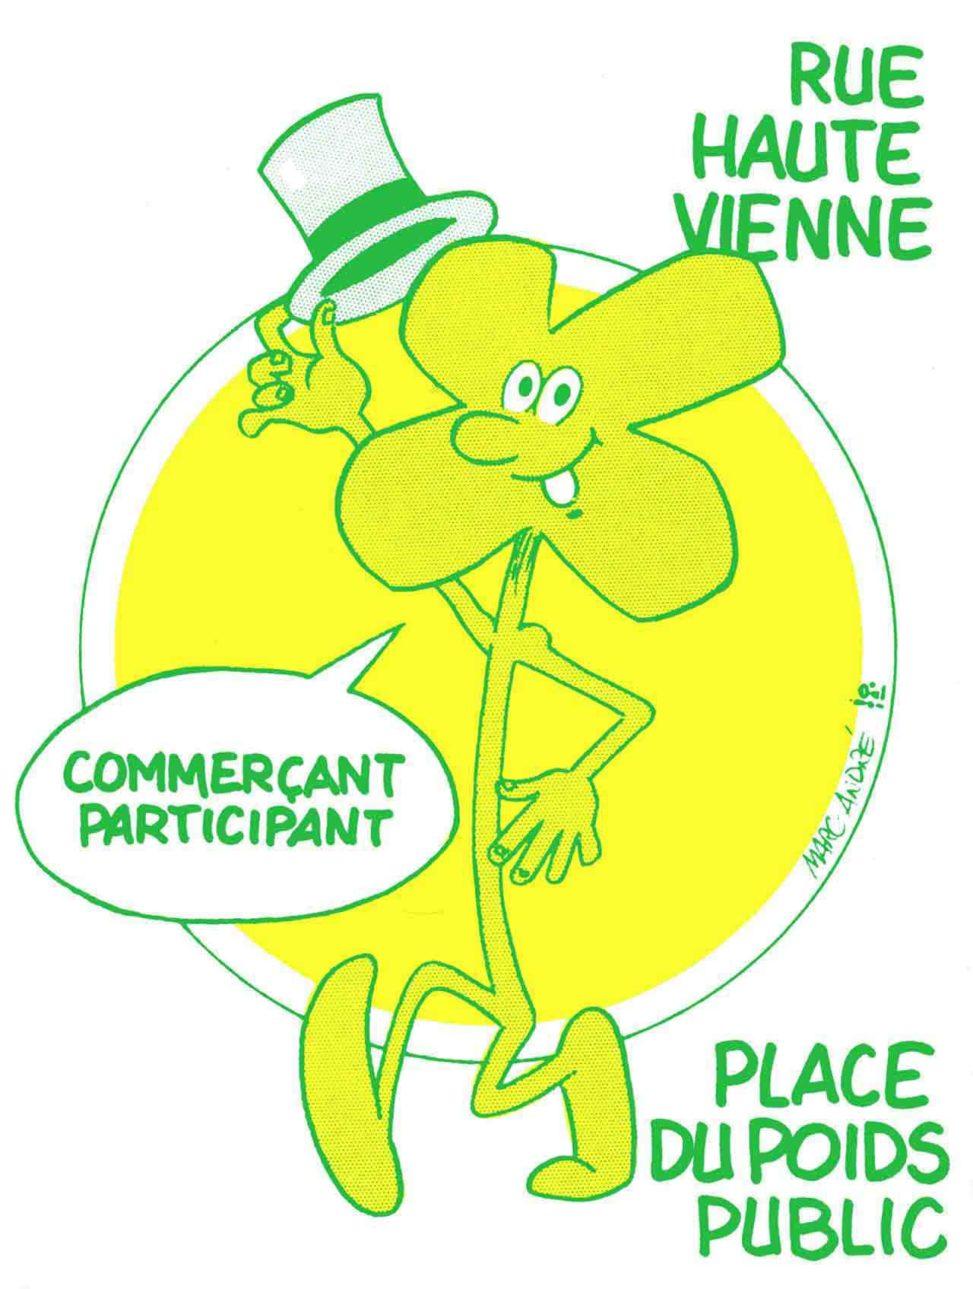 Le trèfle souriant, personnage Association des commerçants Rue Haute-Vienne et Place du Poids-Public 1985.